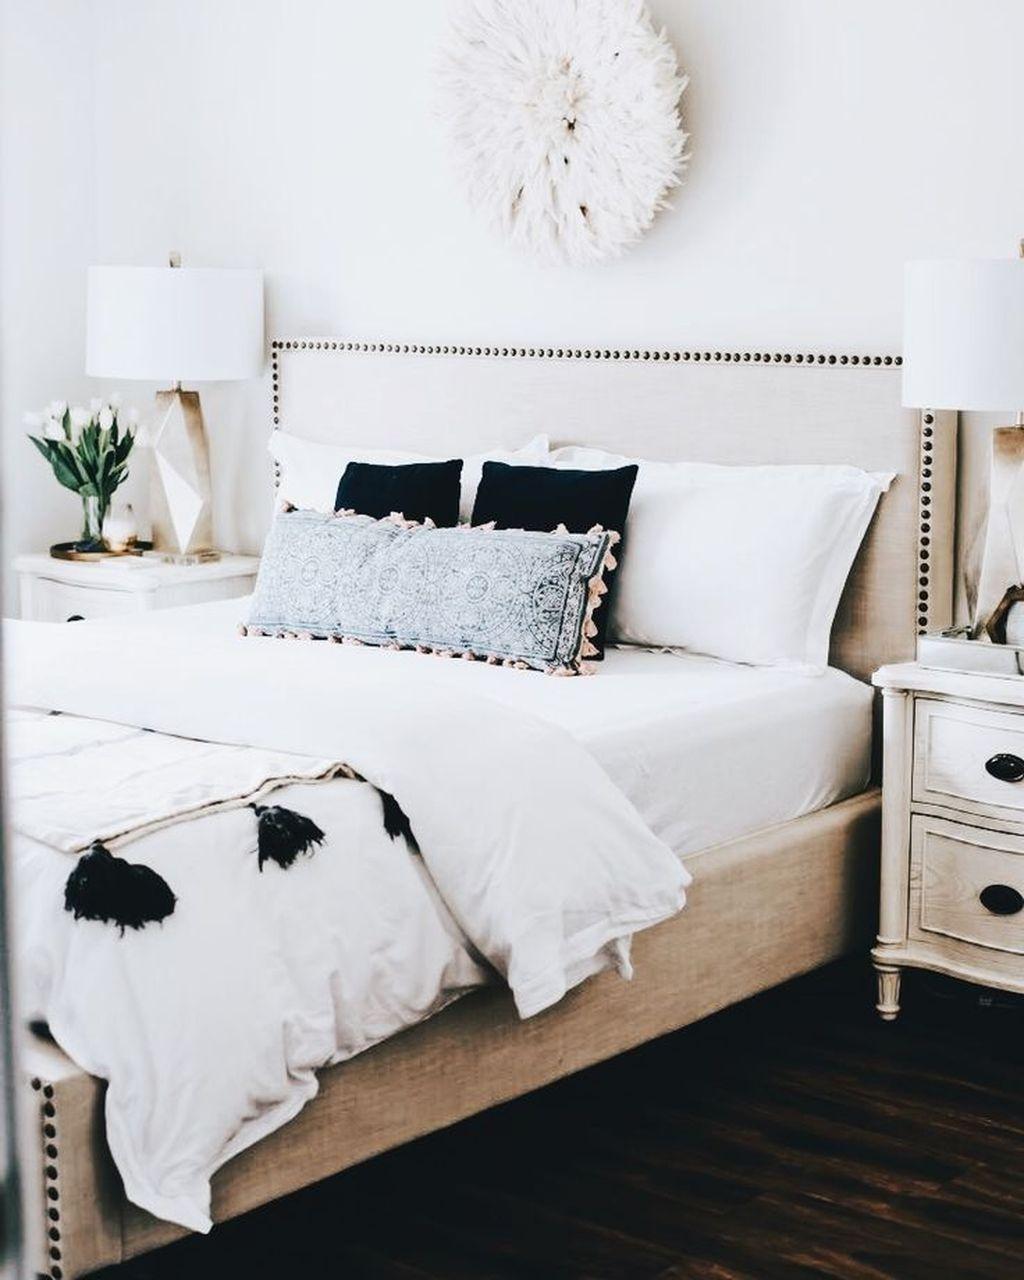 40 Minimalist Bedroom Ideas: Awesome 40 Simple Minimalist And Cozy Bedroom Decor Ideas